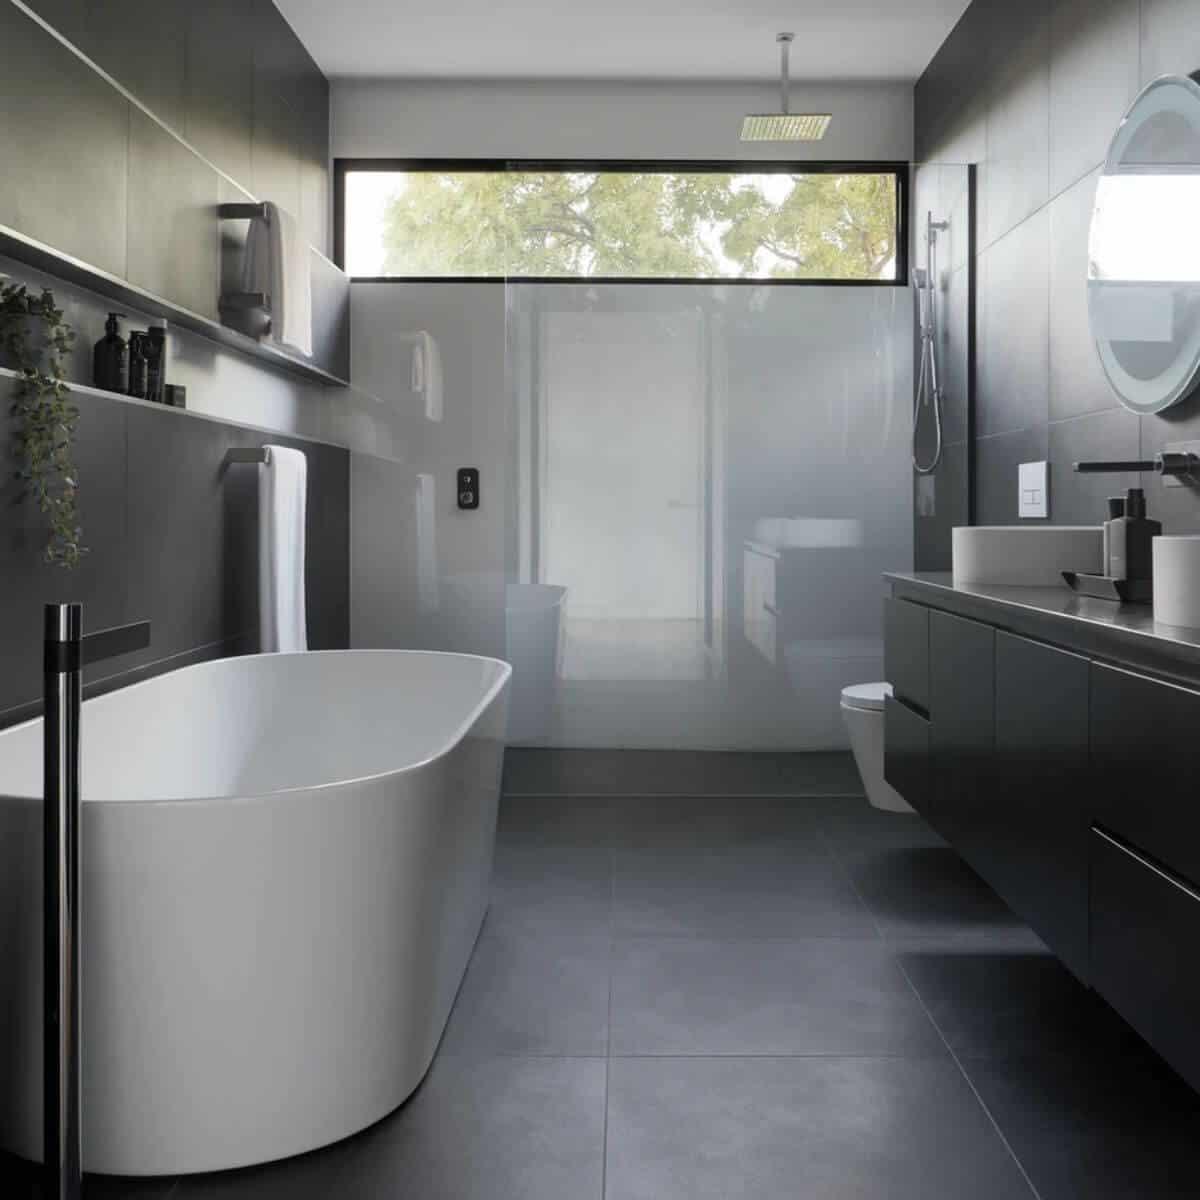 Dark ceramic modern bathroom with a soaking tub.